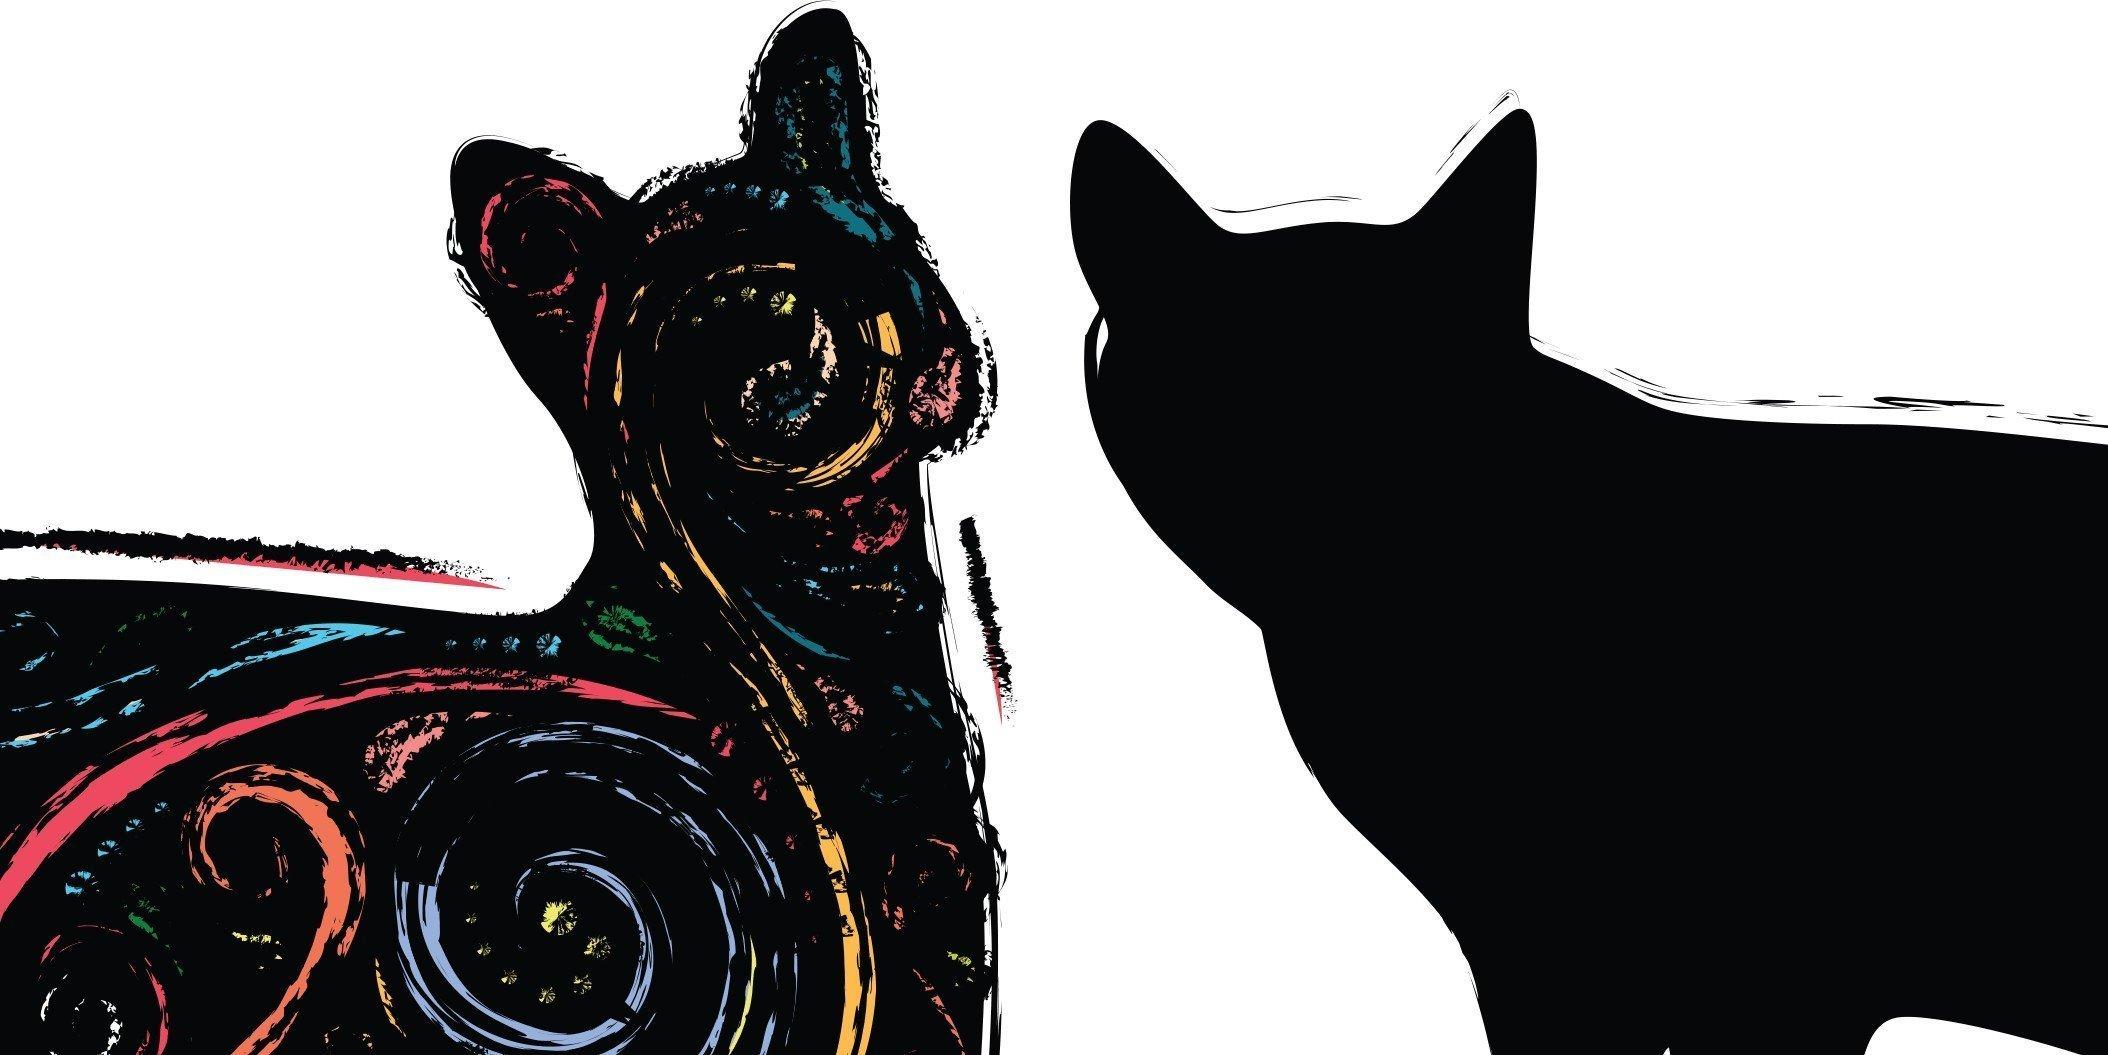 قصة قطة مسلمة يُدفع لها 25 دولار شهريًا!